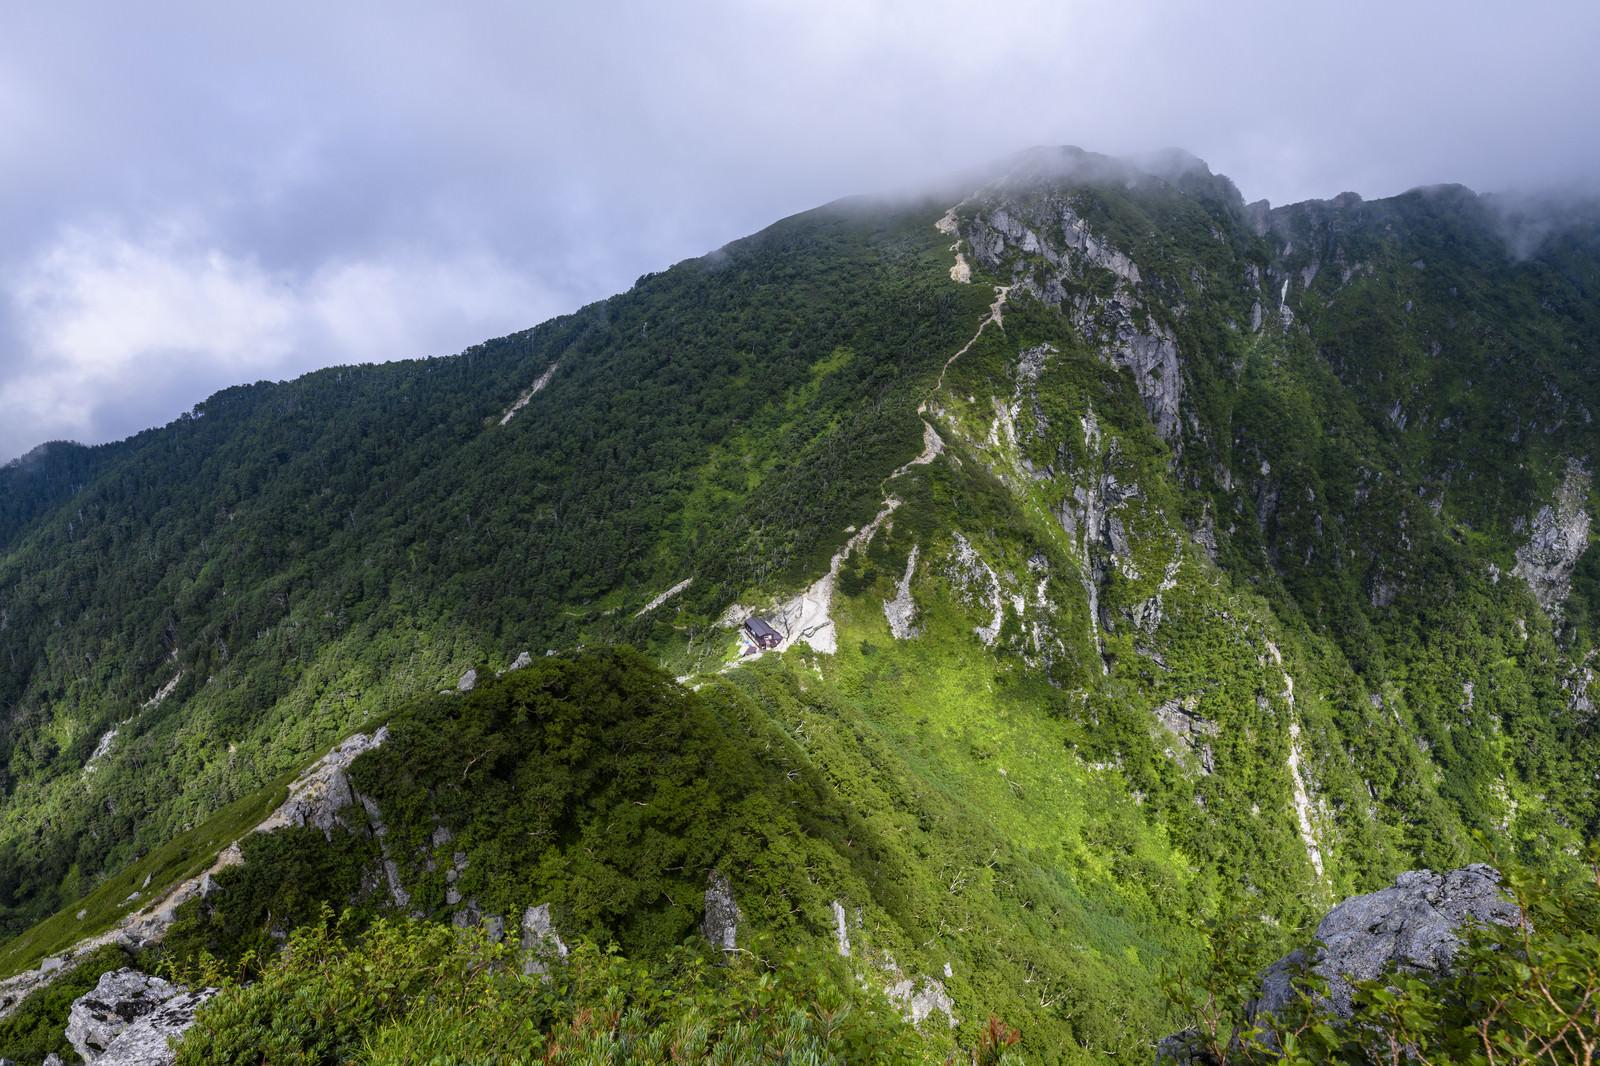 「谷間に立つ木曽殿山荘(空木岳)」の写真